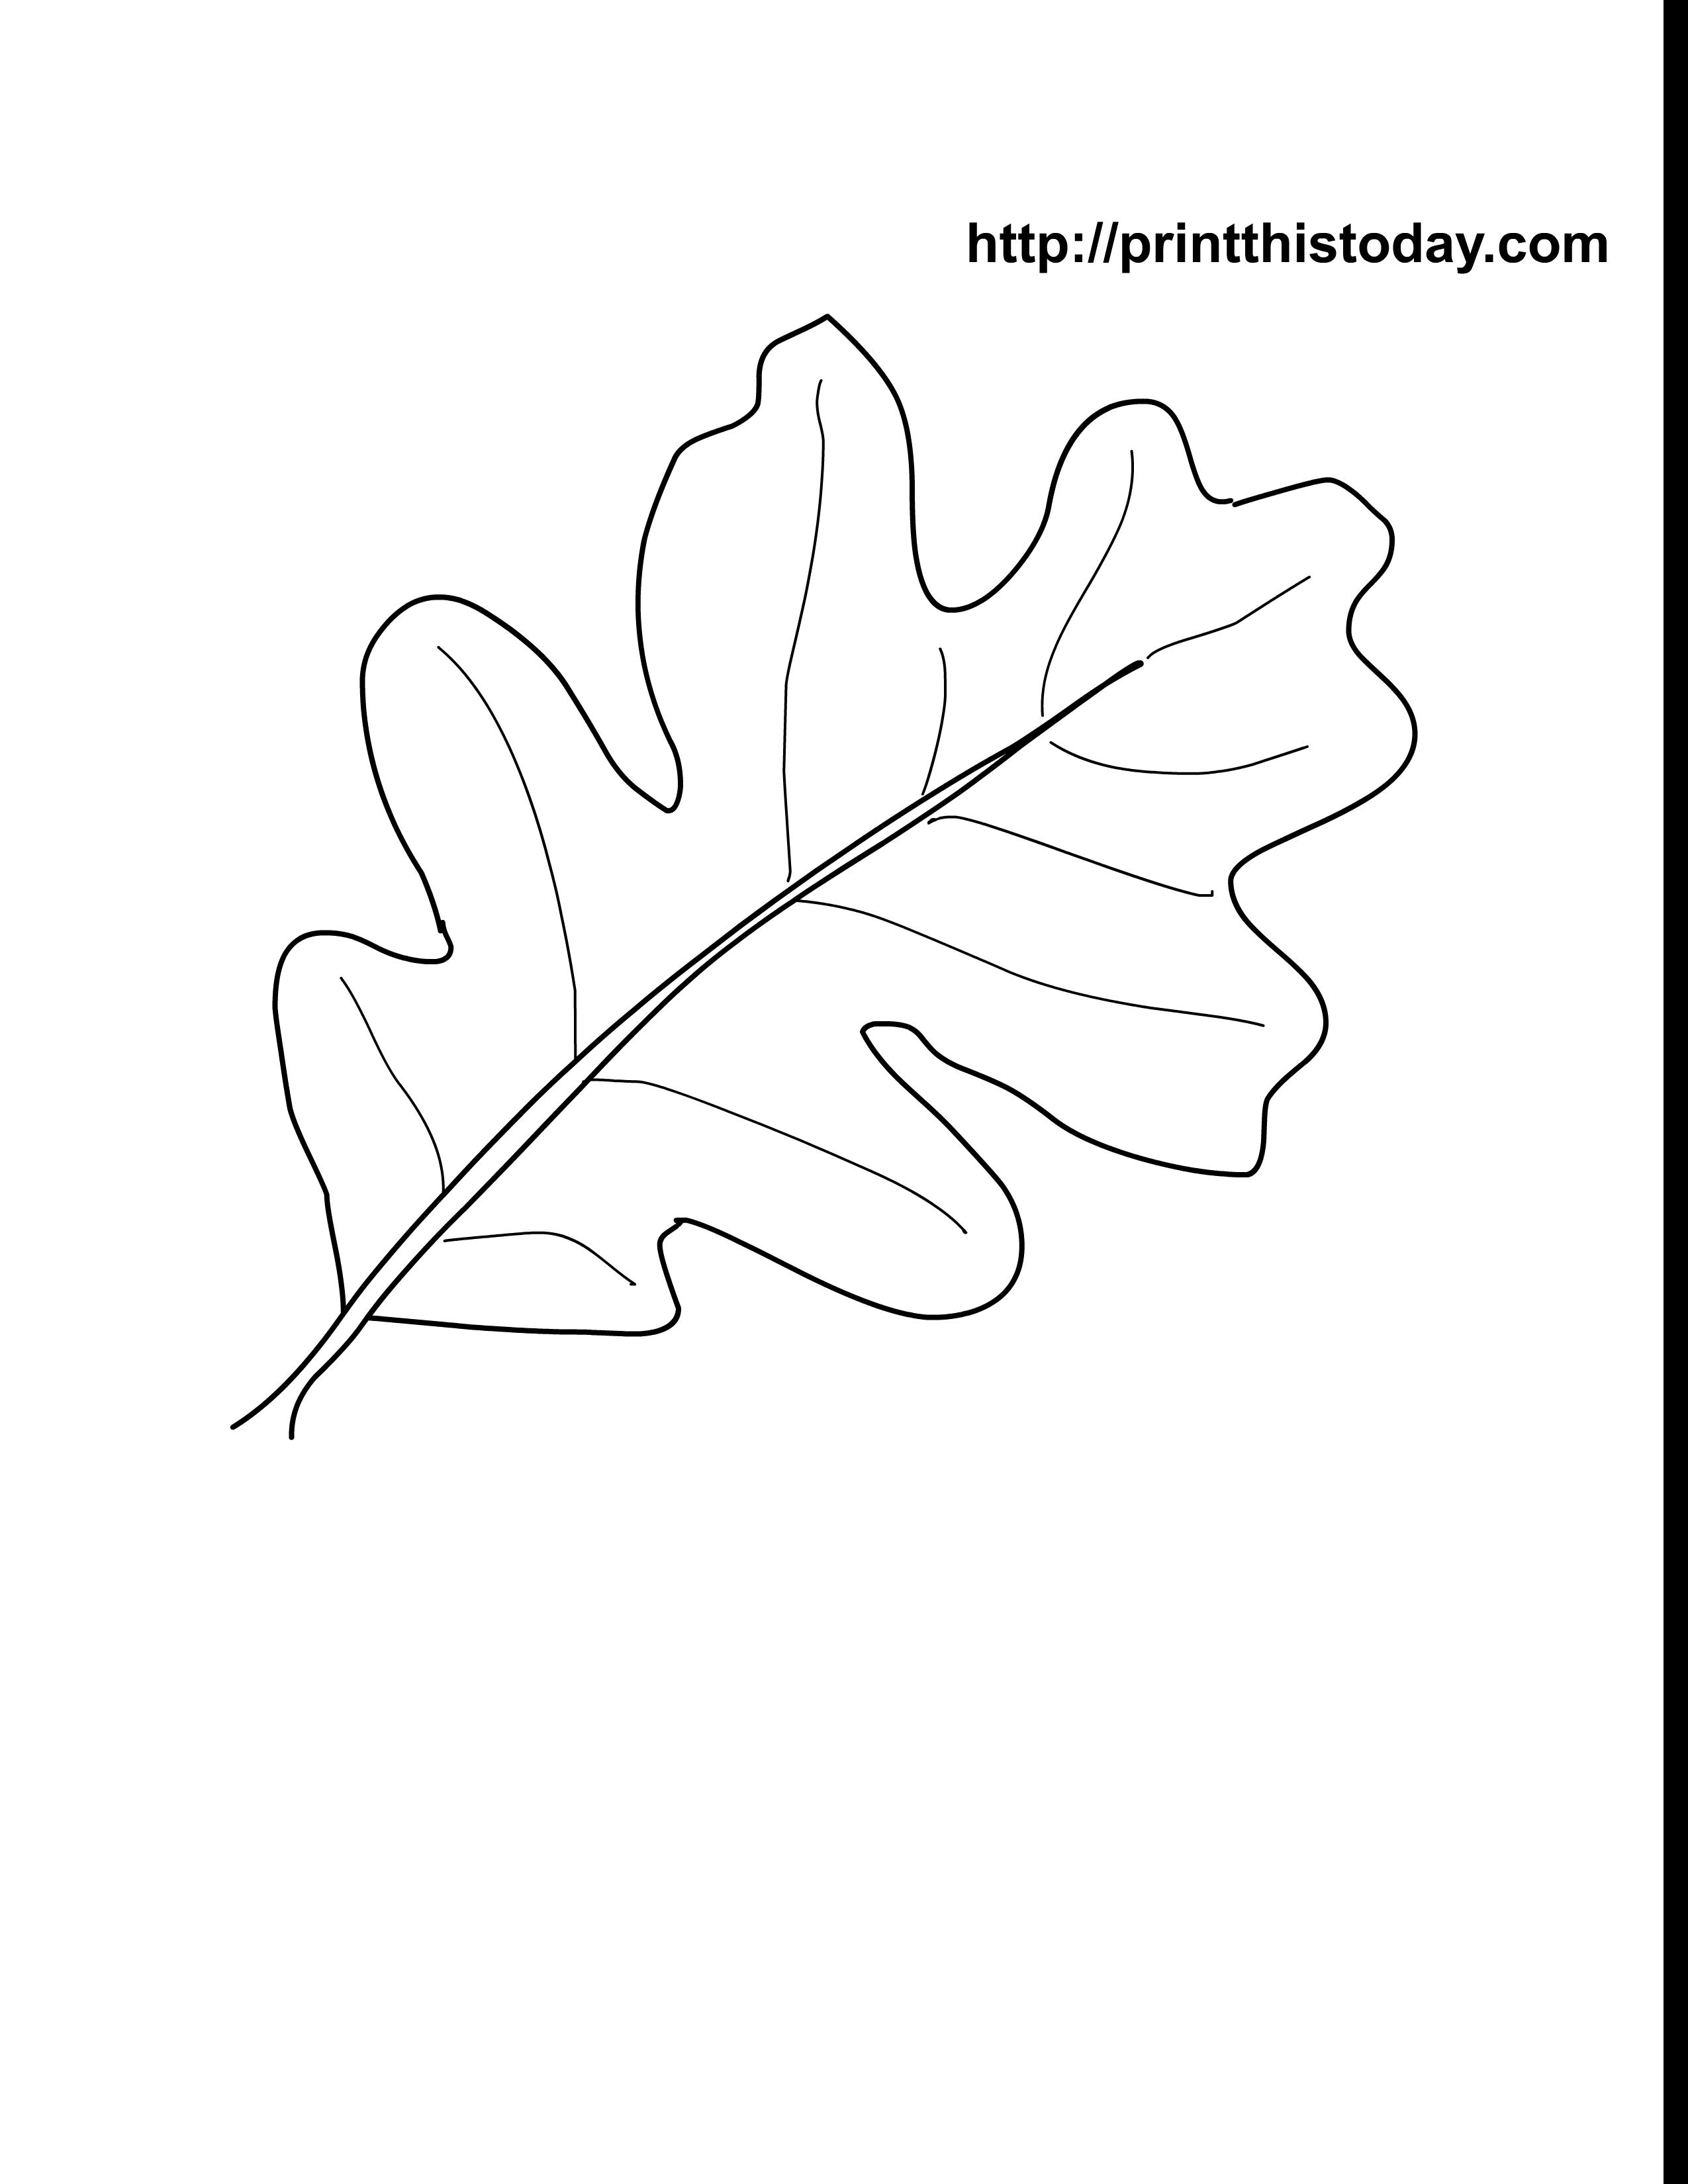 coloring pages oak leaf - photo#13